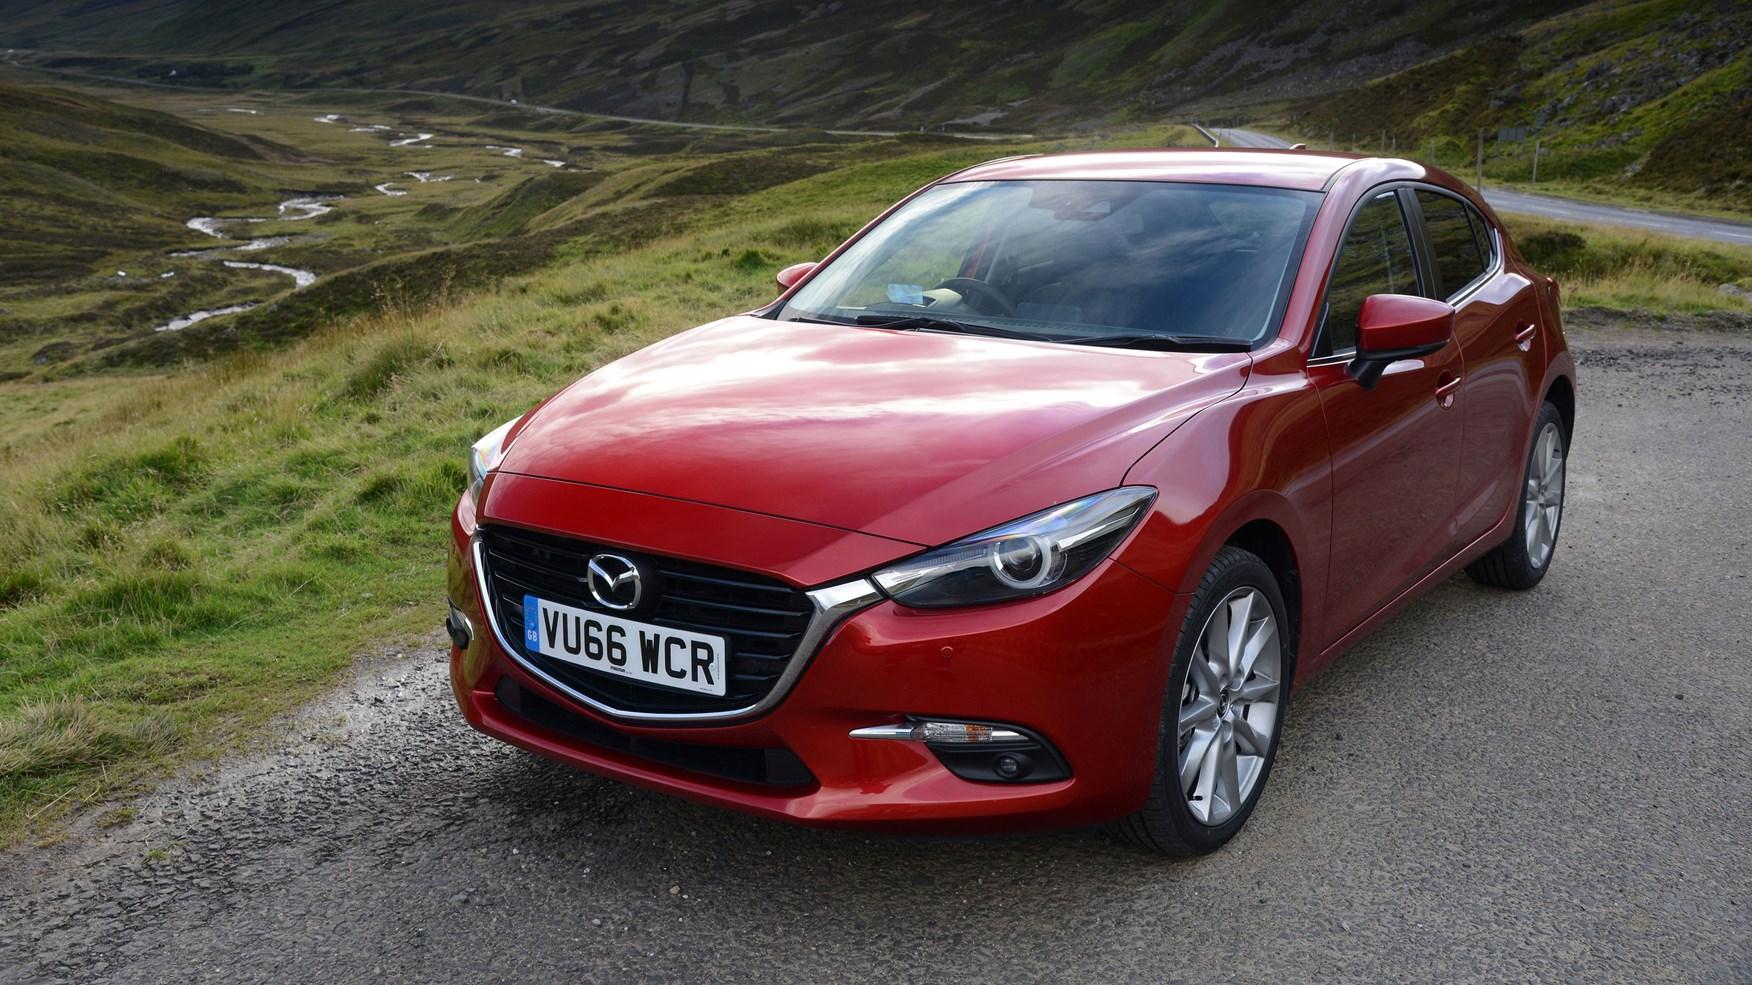 Kekurangan Mazda 3 2016 Hatchback Top Model Tahun Ini